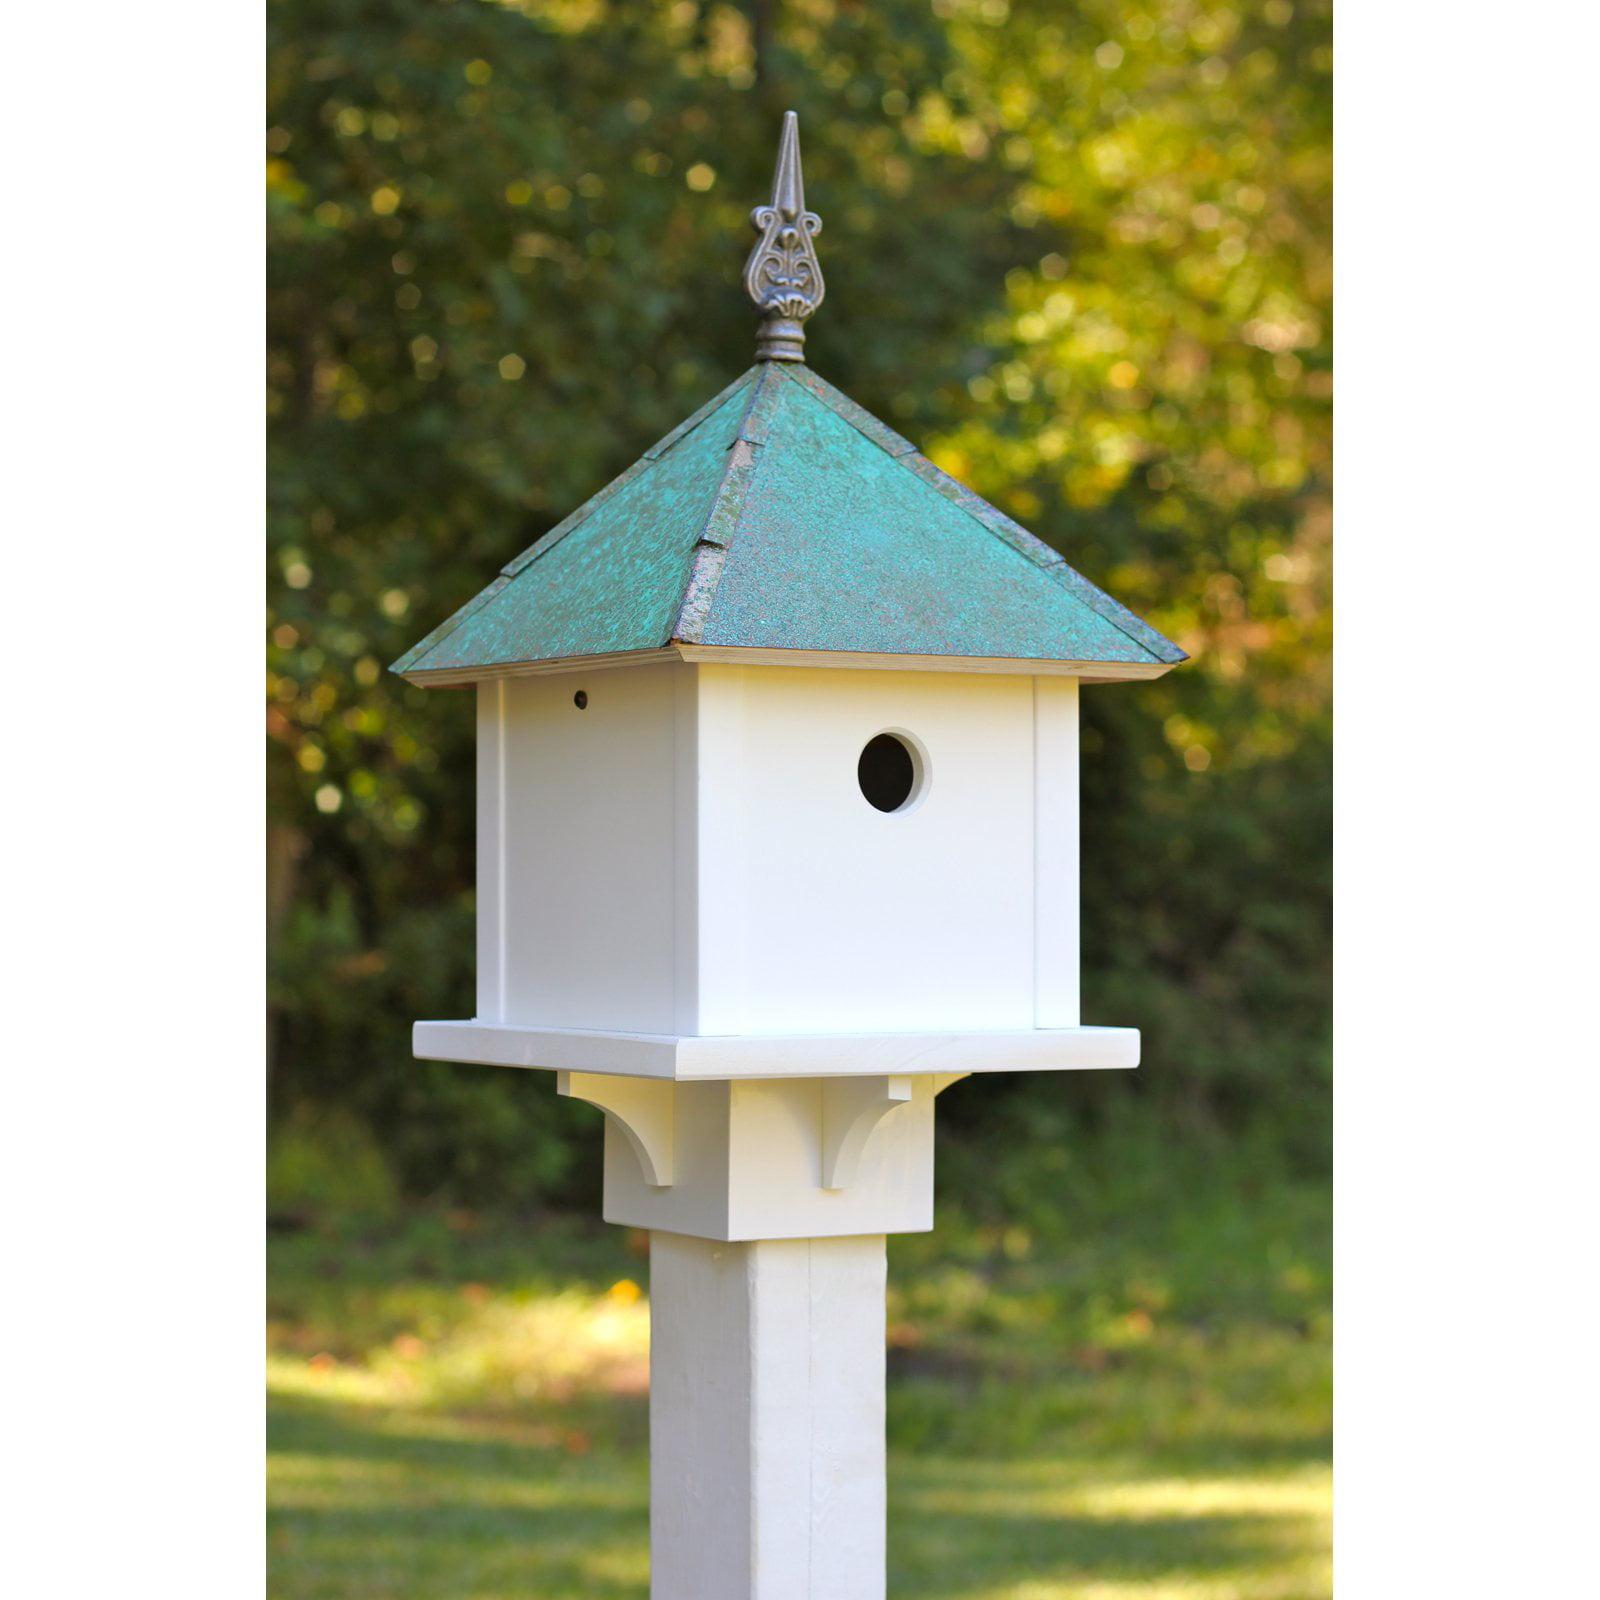 Heartwood Skybox Bird House